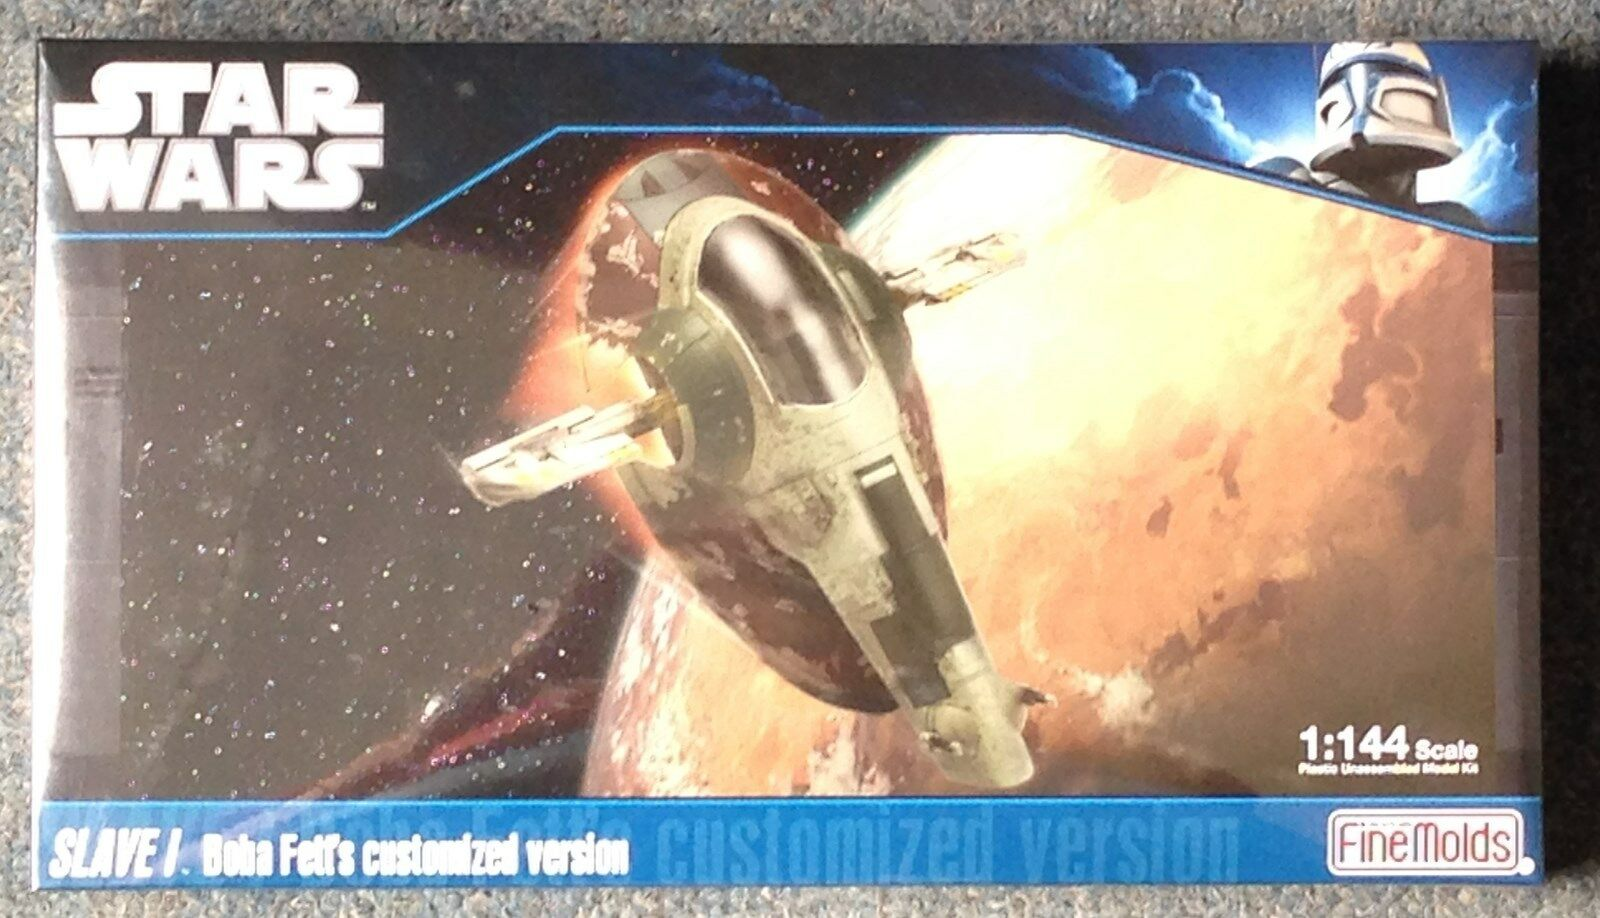 1 144 Star Wars Slave I Boba Fett Version Fine Molds  SW-14 Shrink Wrapped MISB